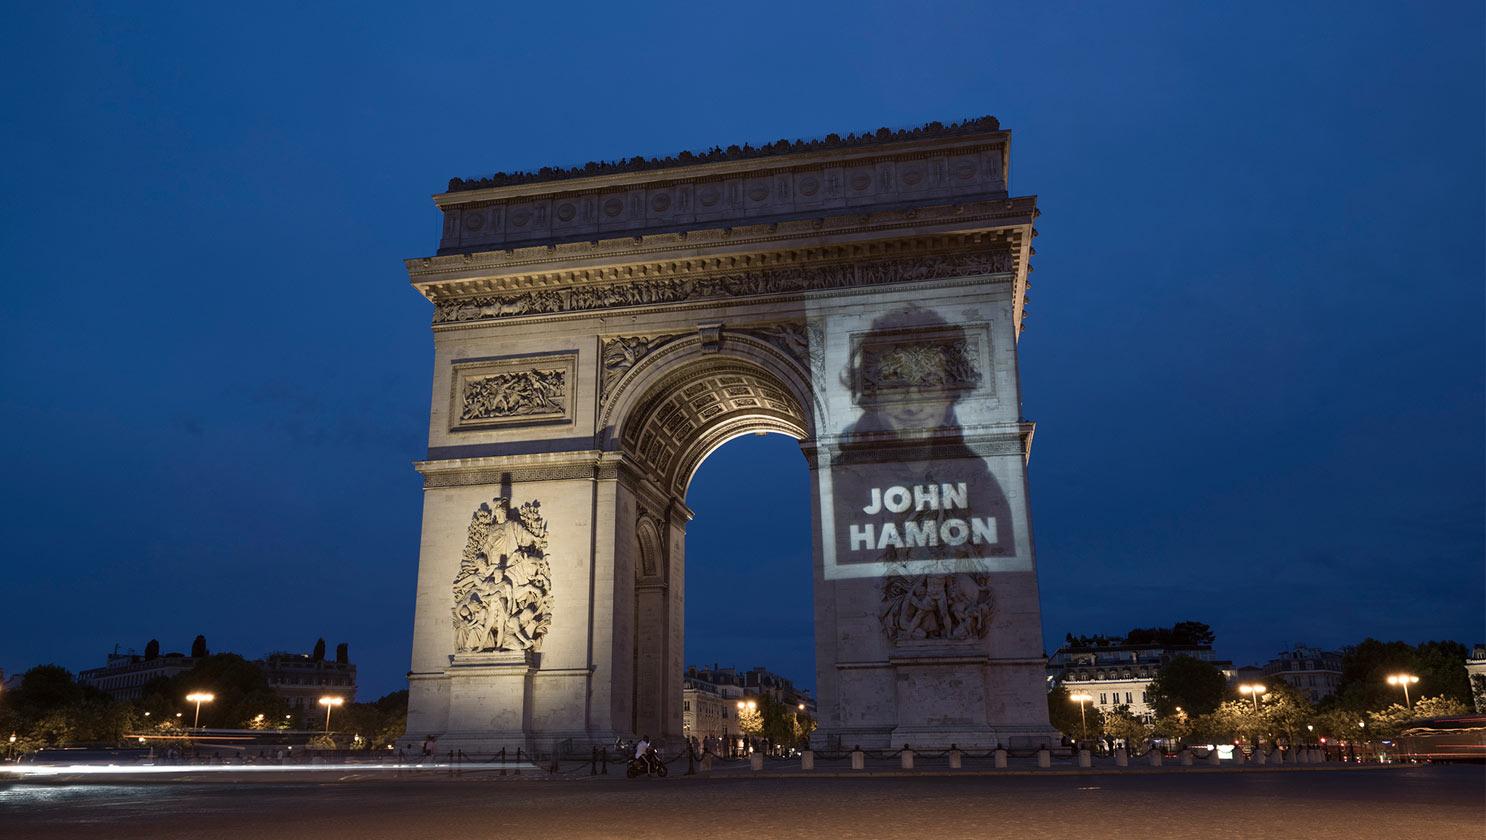 エトワール凱旋門への投影。 © John Hamon